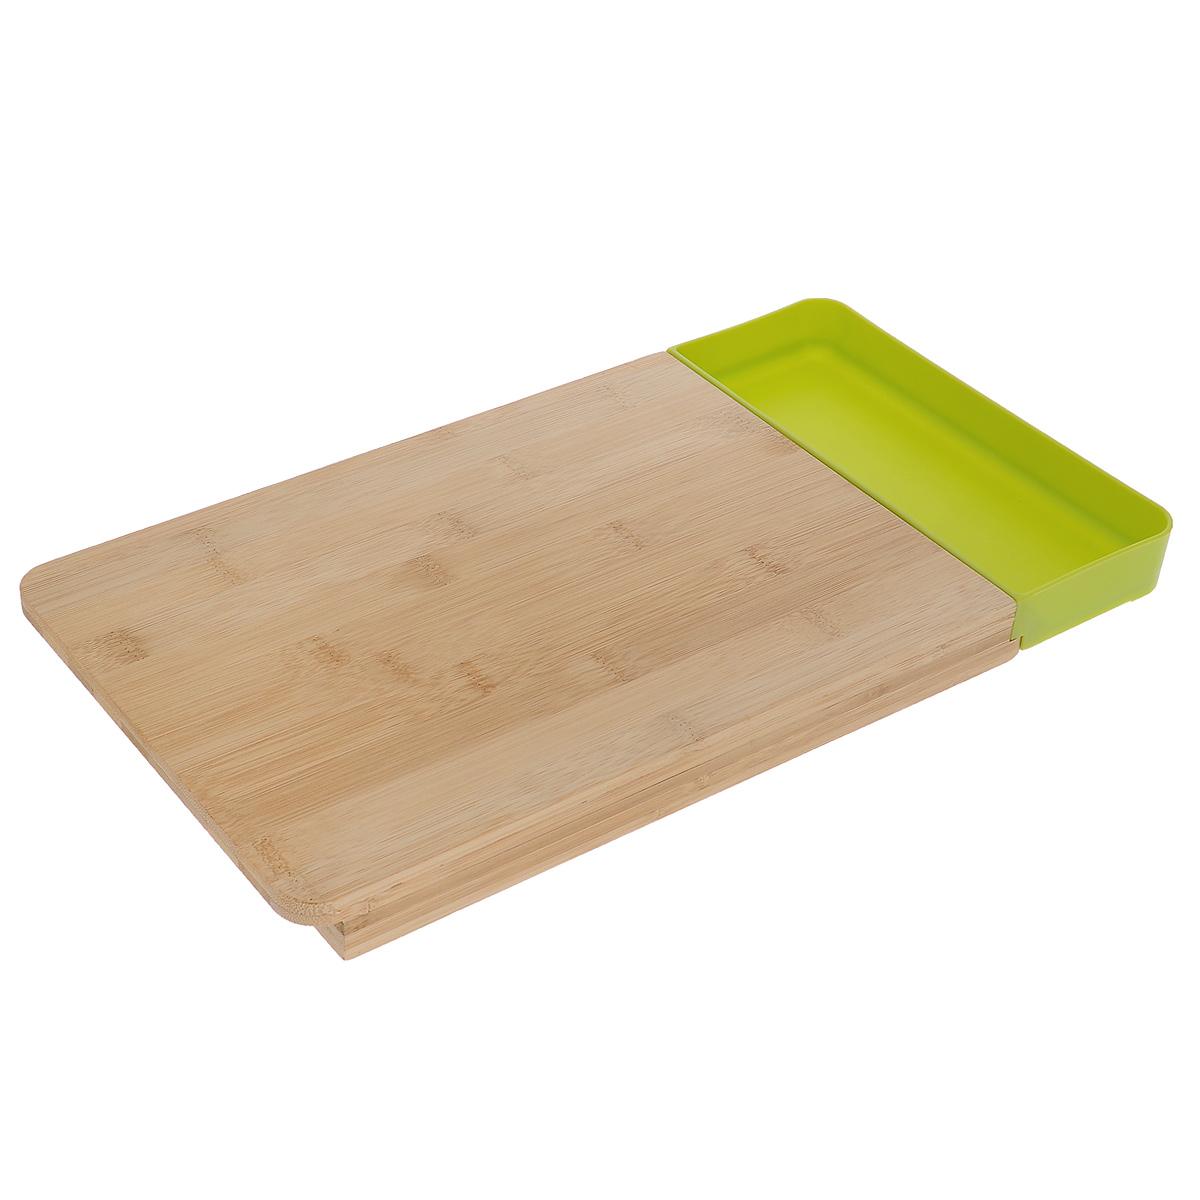 Доска разделочная, с контейнером, цвет: зеленыйFY00041-P GREENРазделочная доска выполнена из бамбукового волокна - экологически чистого материала, который не содержит примесей и токсинов, что важно для здоровья человека. Кроме того, это биоразлагаемый материал, который не вредит окружающей среде. Доска имеет дополнительный контейнер, который можно использовать как емкость для очисток, а так же как емкость для нарезанных продуктов. Такая доска идеально подойдет для дачи, летних заготовок.